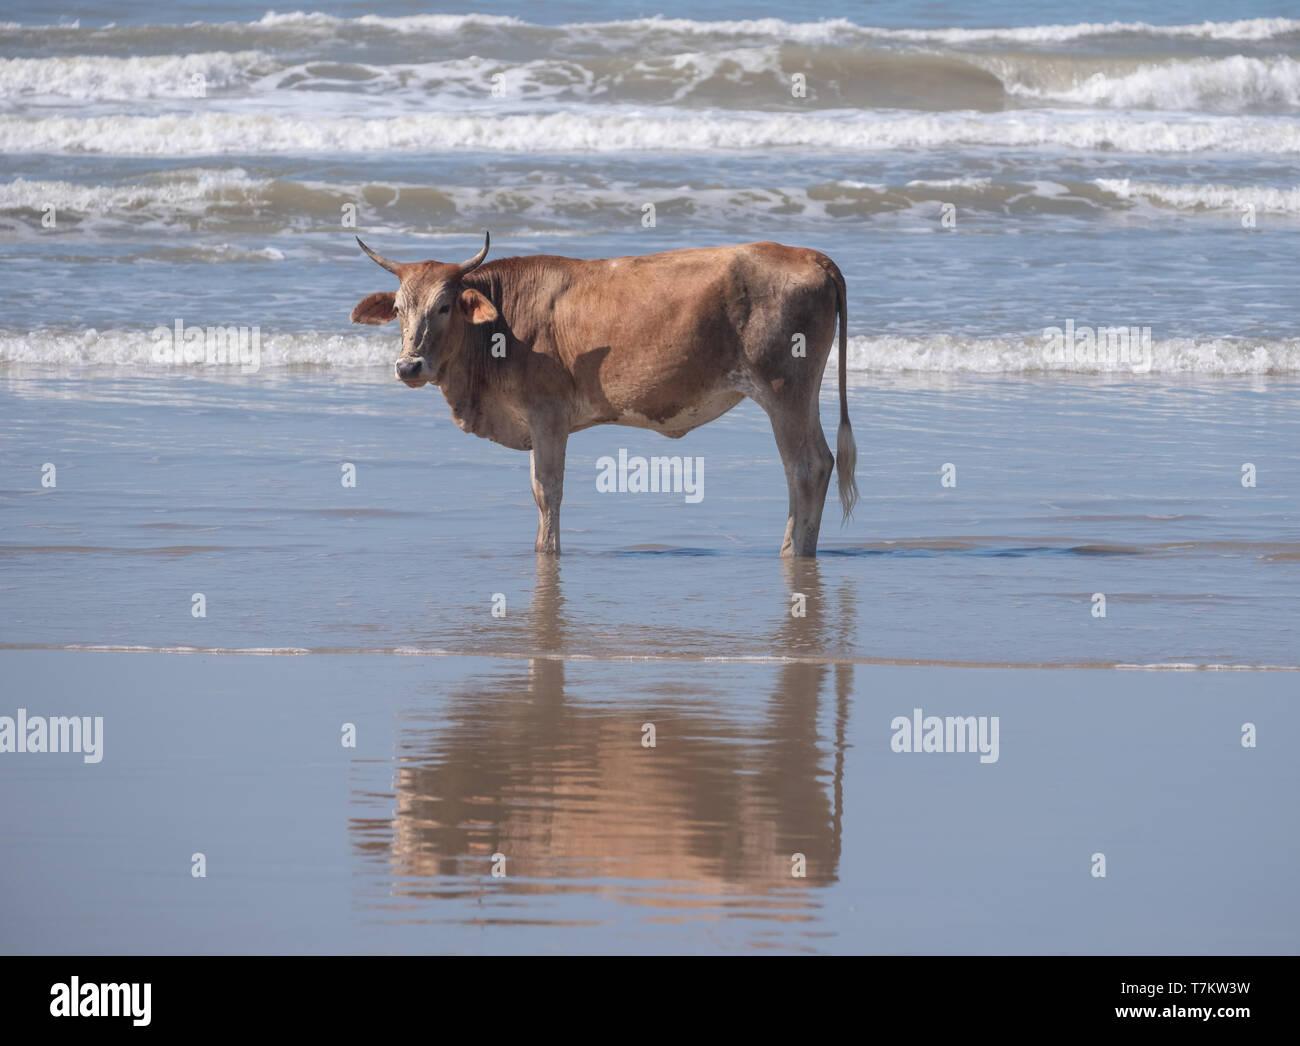 Brown Nguni mucca rappresenta sulla sabbia a seconda spiaggia, Port St Johns sulla costa selvaggia in Transkei, Sud Africa. Immagini Stock